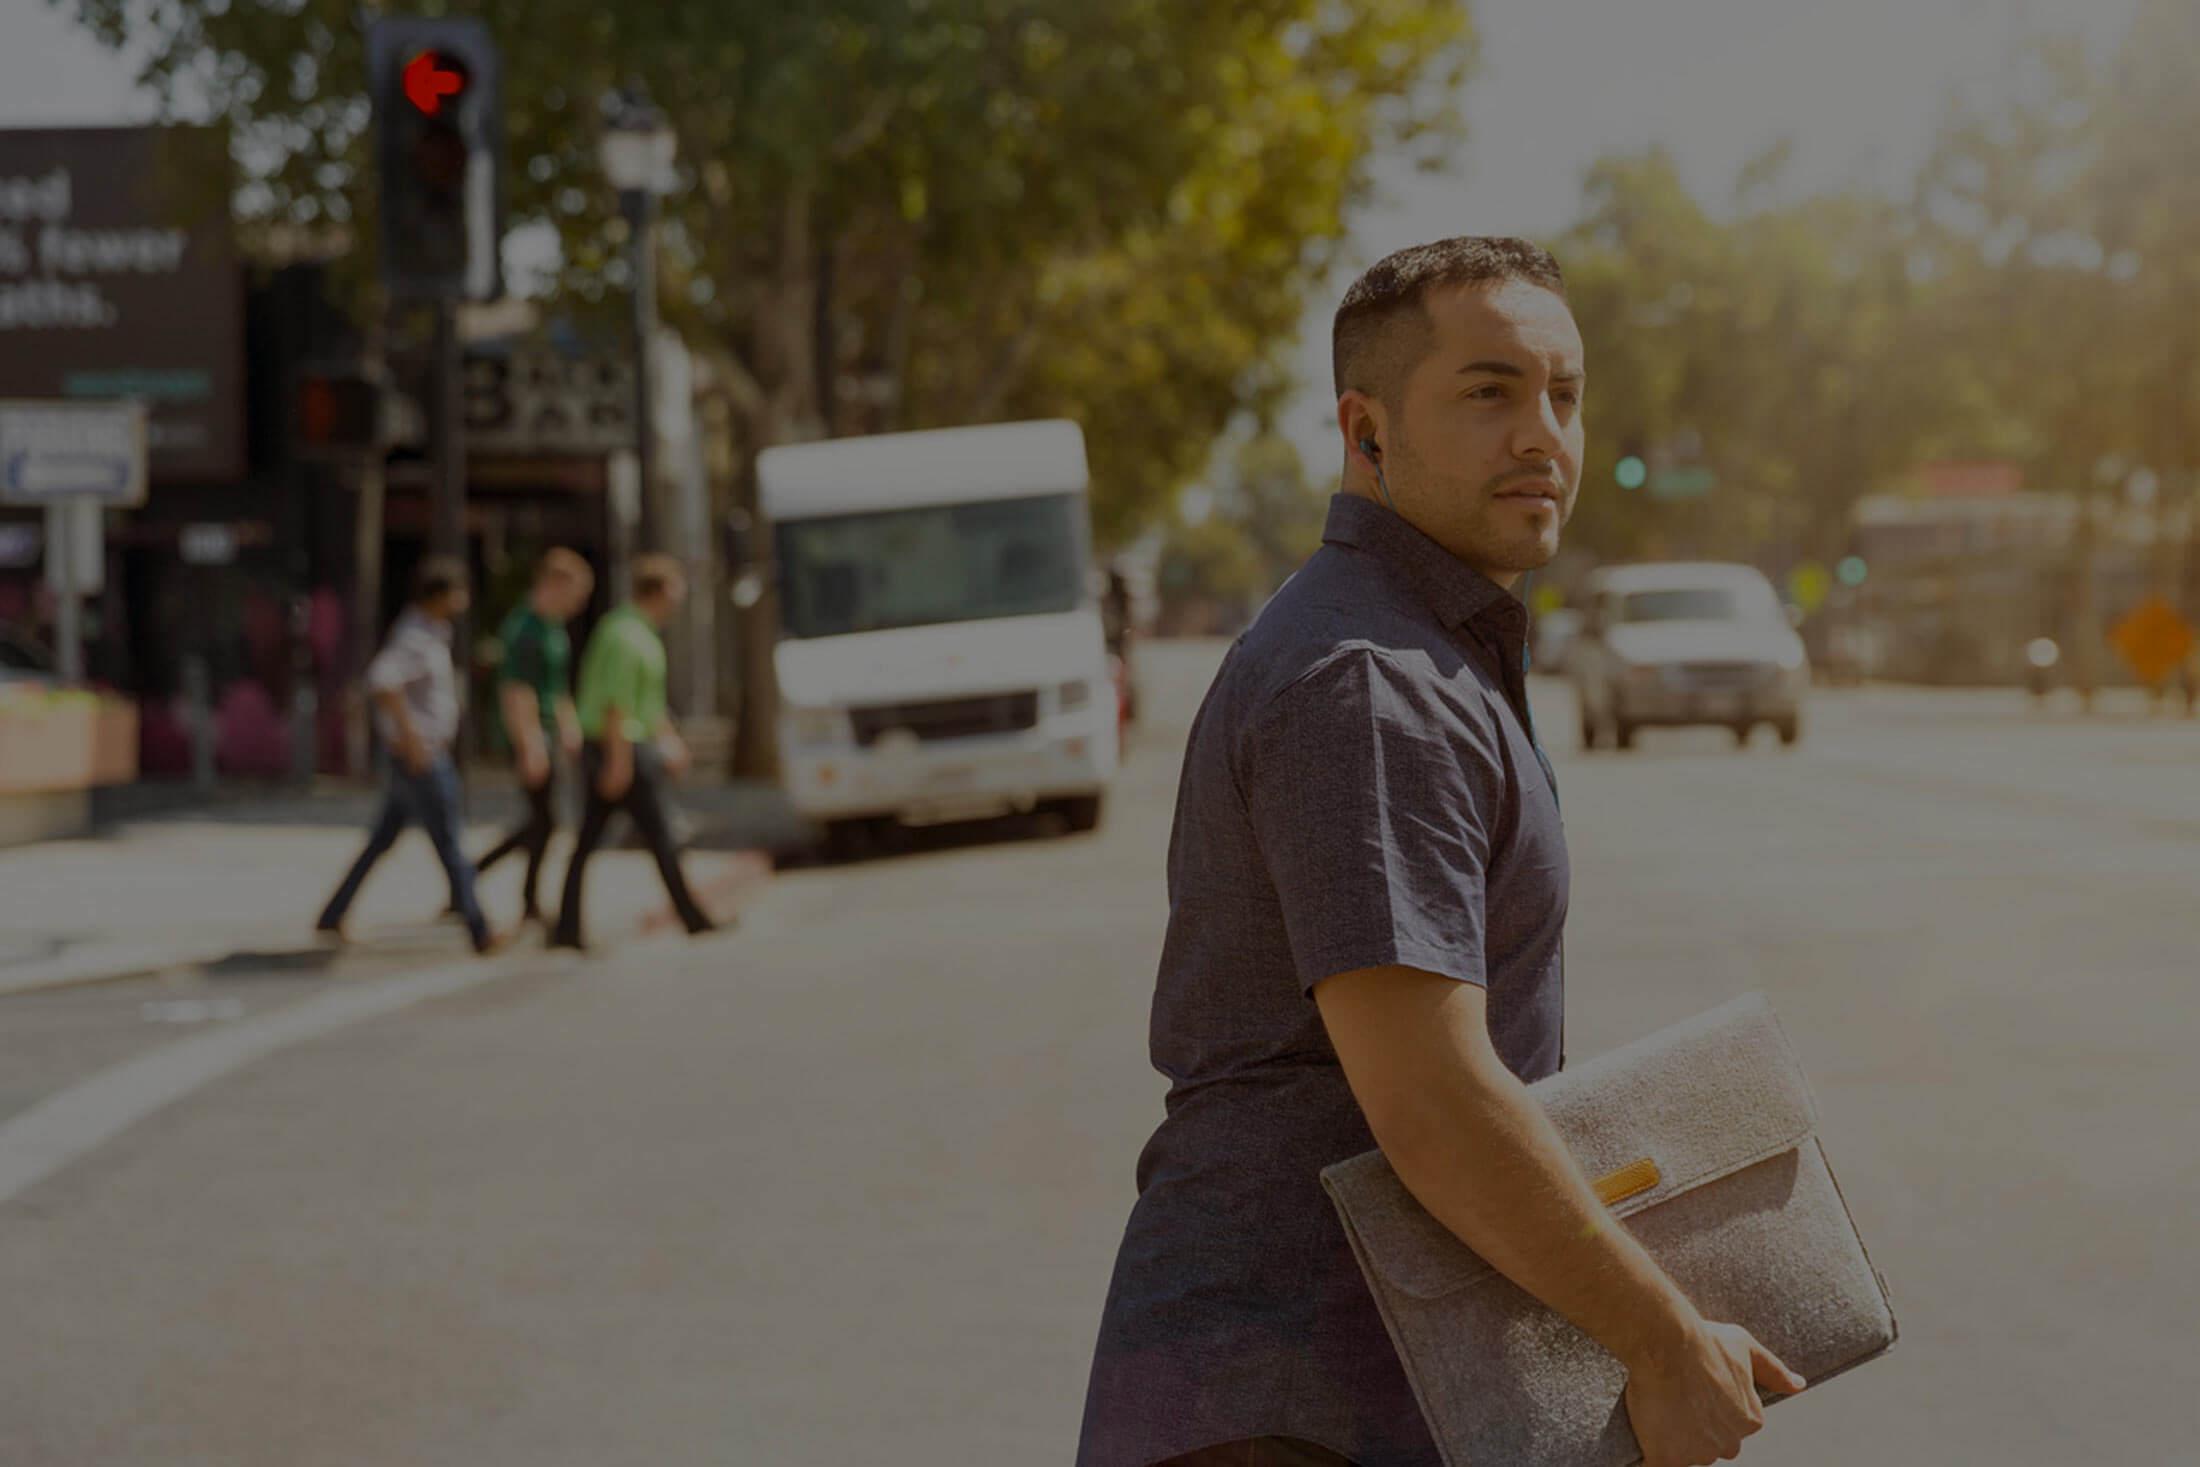 Pole emploi - offre emploi Téléacteur humanitaire (H/F) - Paris 17Eme Arrondissement